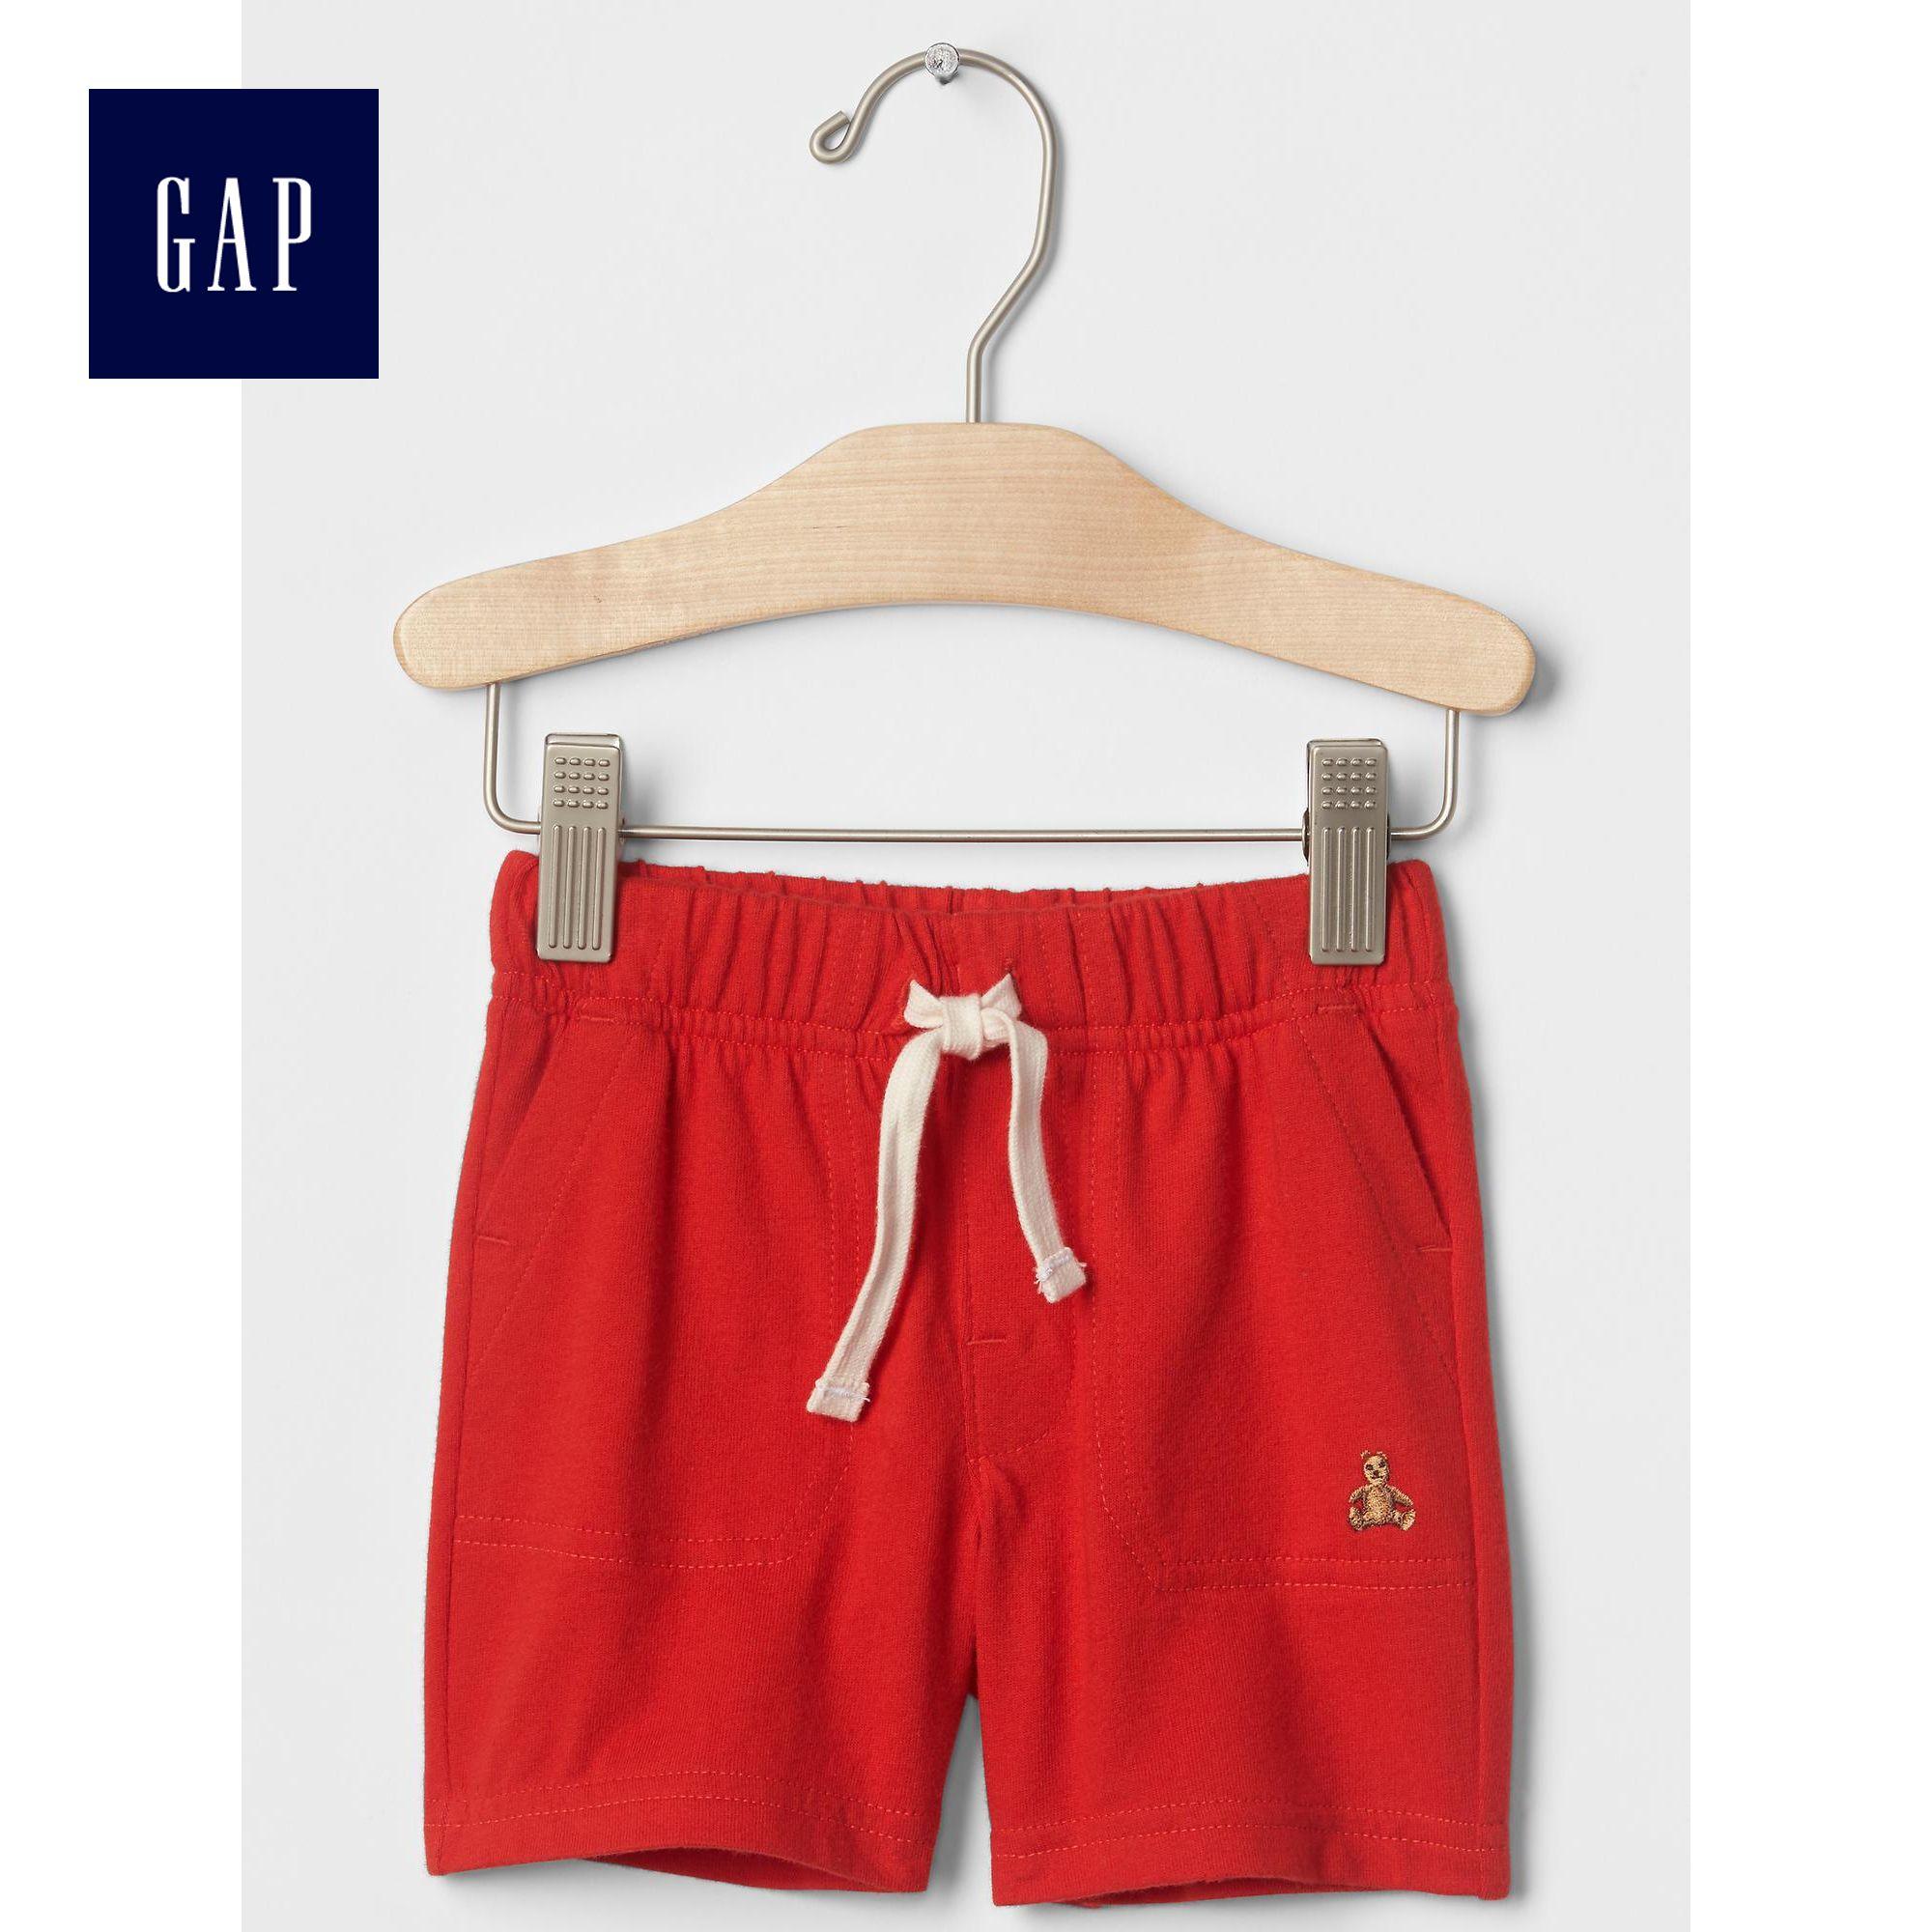 Gap男嬰兒 簡約靚麗純色全棉寶寶中腰短褲 皮筋腰帶褲子194526